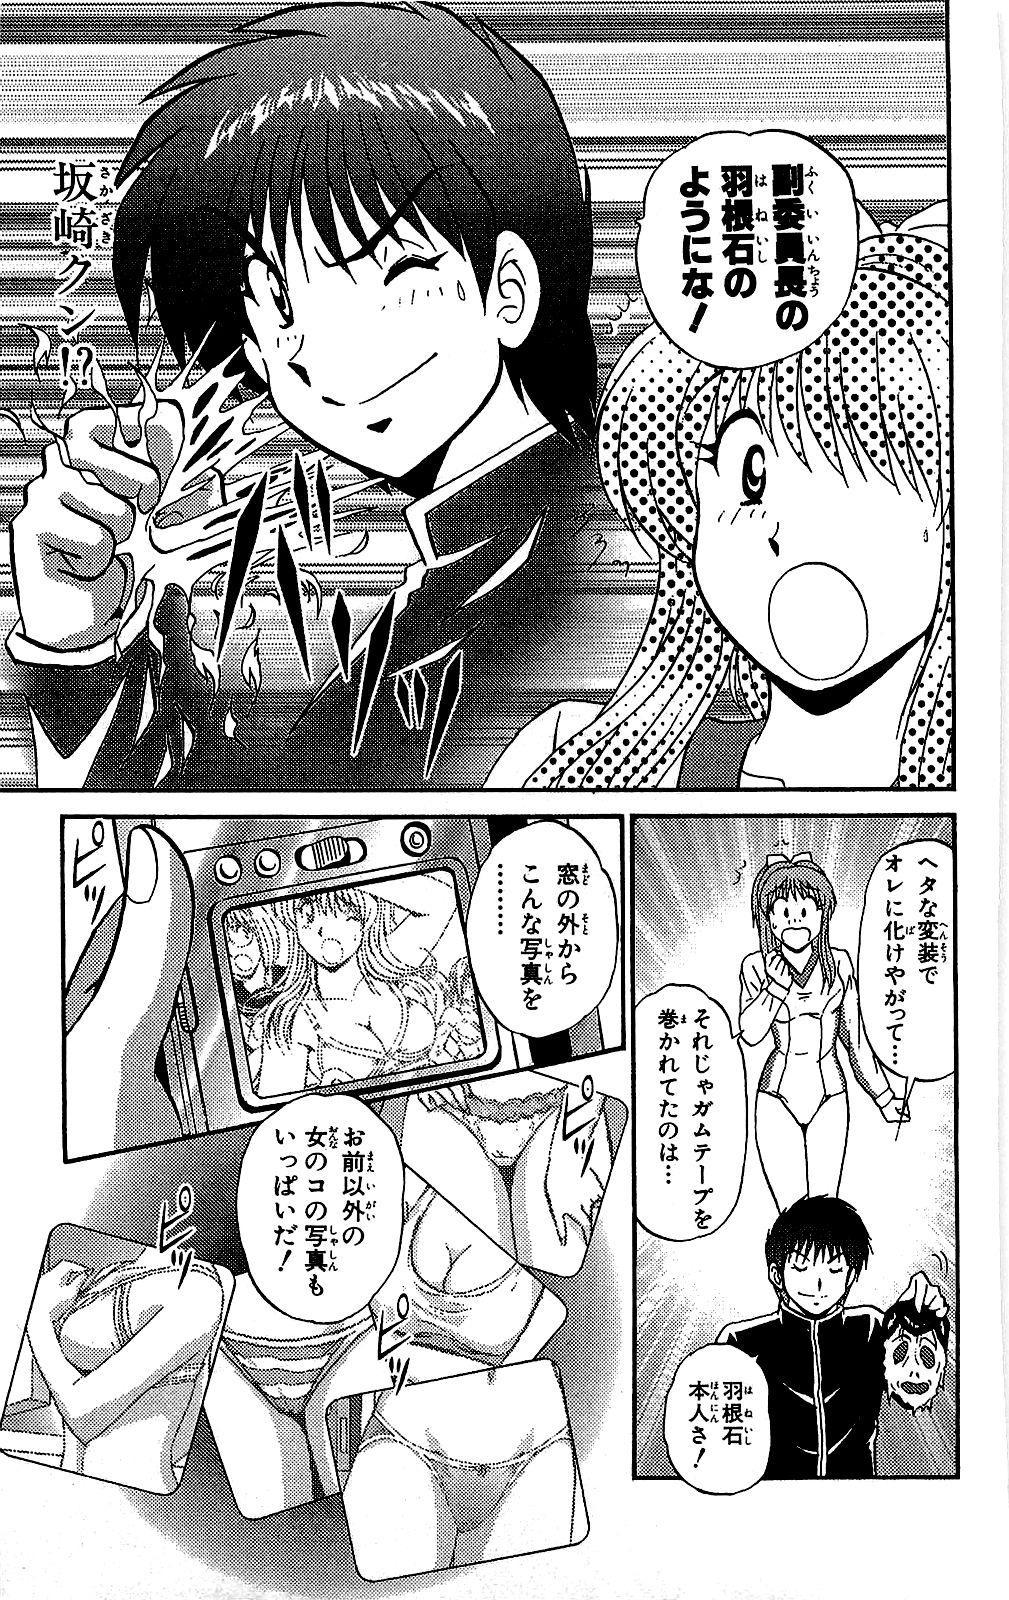 Miracle Make Yuuji 193